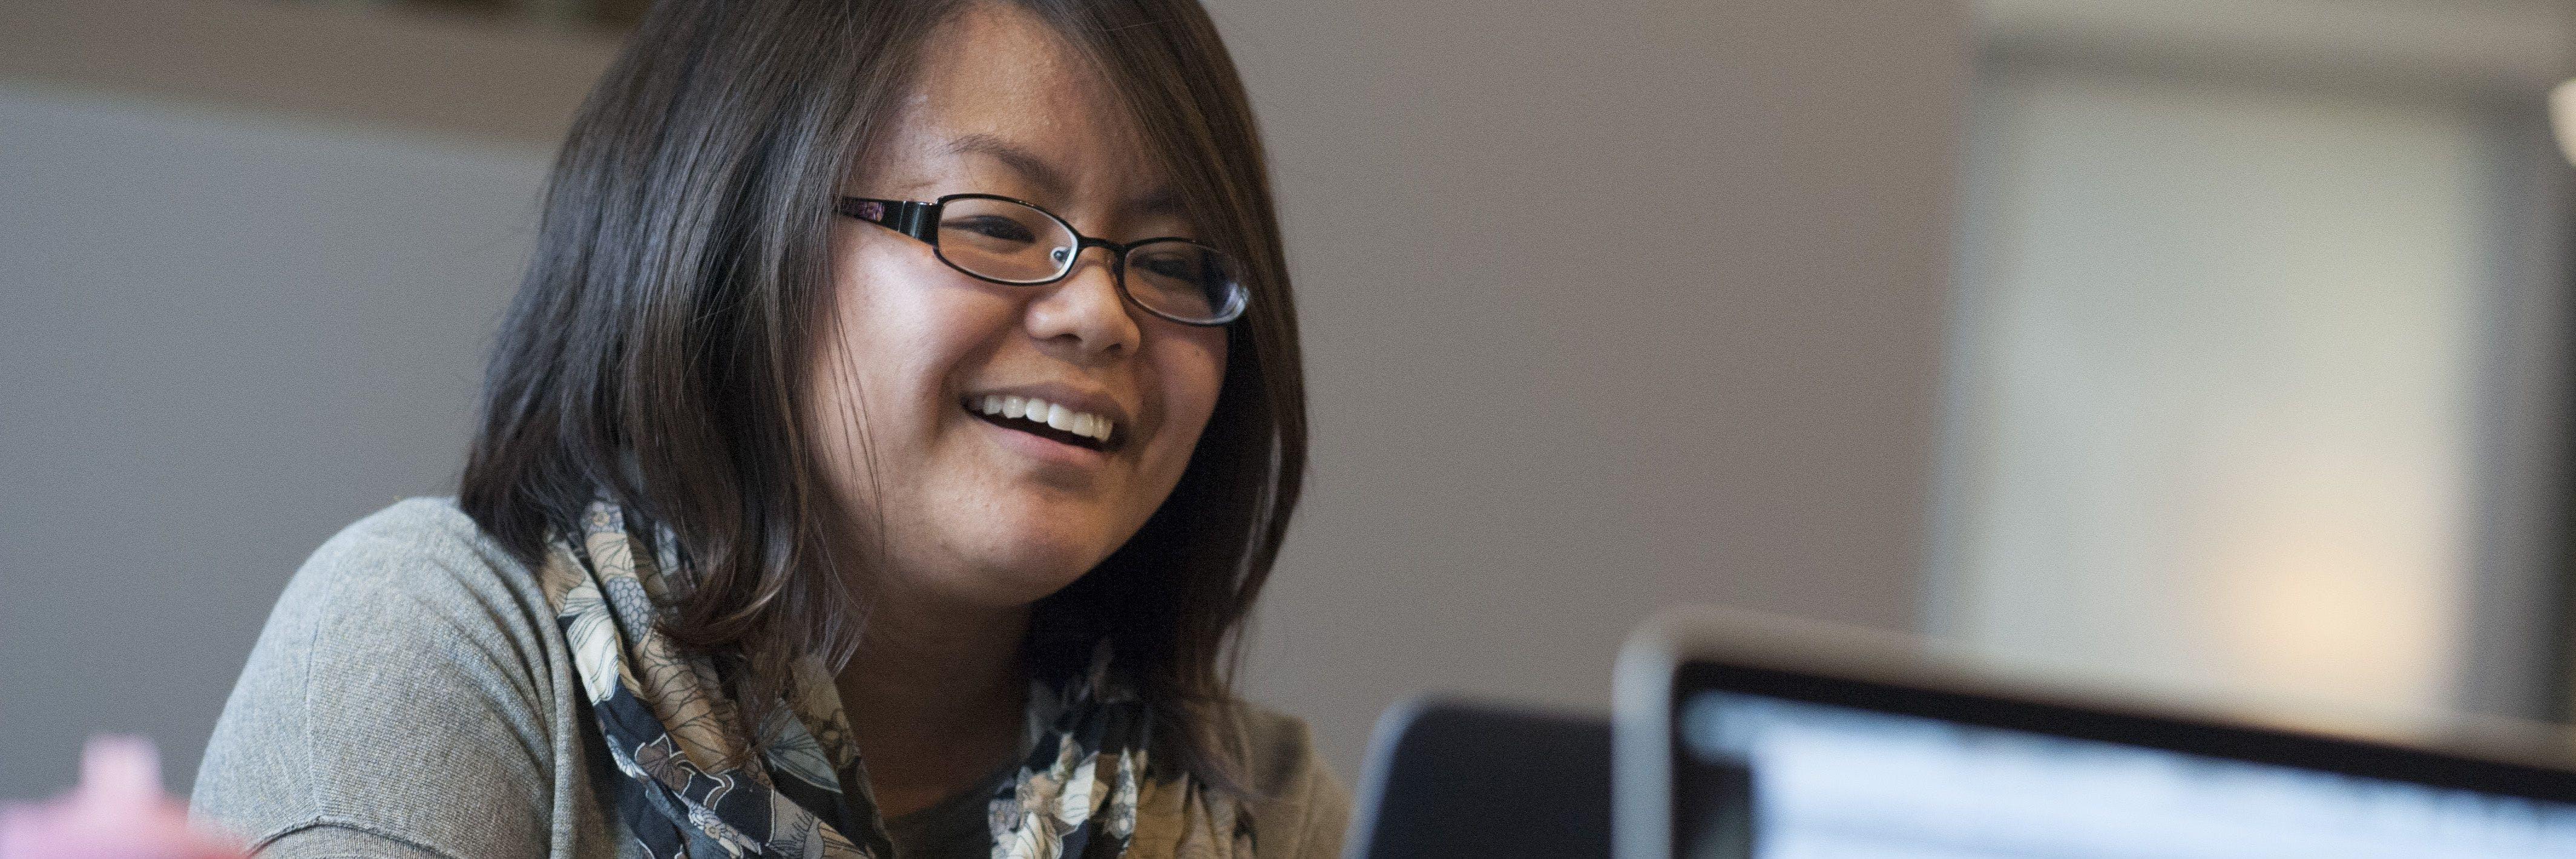 Adult undergrad student studies on computer.